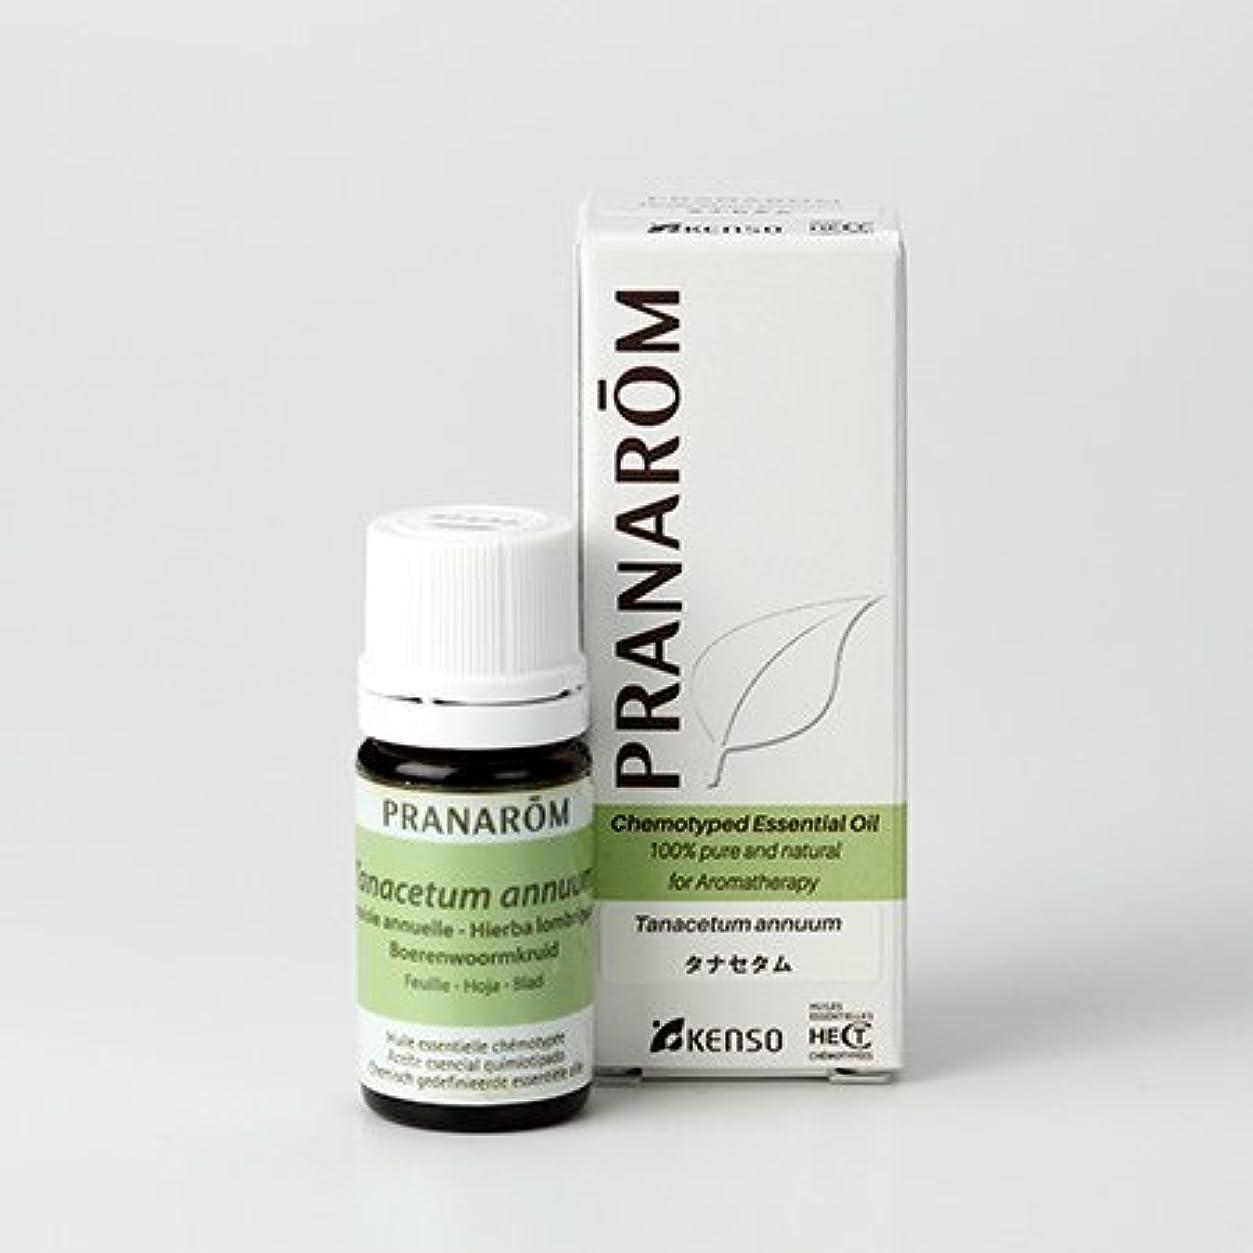 ローブ薄める一流【タナセタム 5ml】→甘みのある、濃厚でフルーティな香り?(リラックスハーブ系)[PRANAROM(プラナロム)精油/アロマオイル/エッセンシャルオイル]P-173